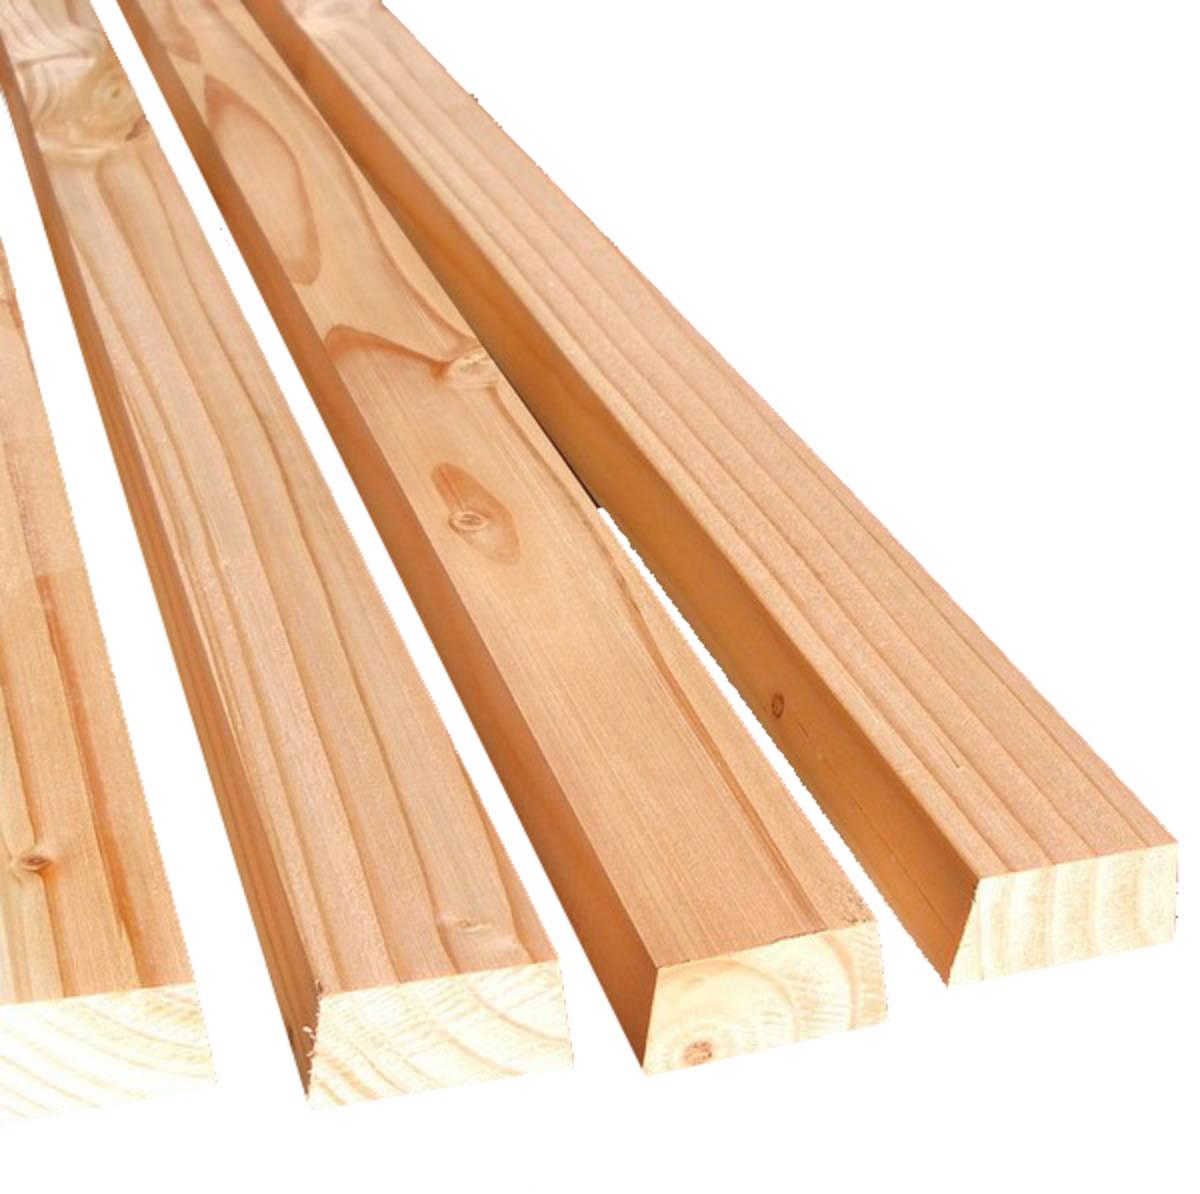 Bardage claire voie en douglas 27x68 mba bois et for Bardage bois faux claire voie